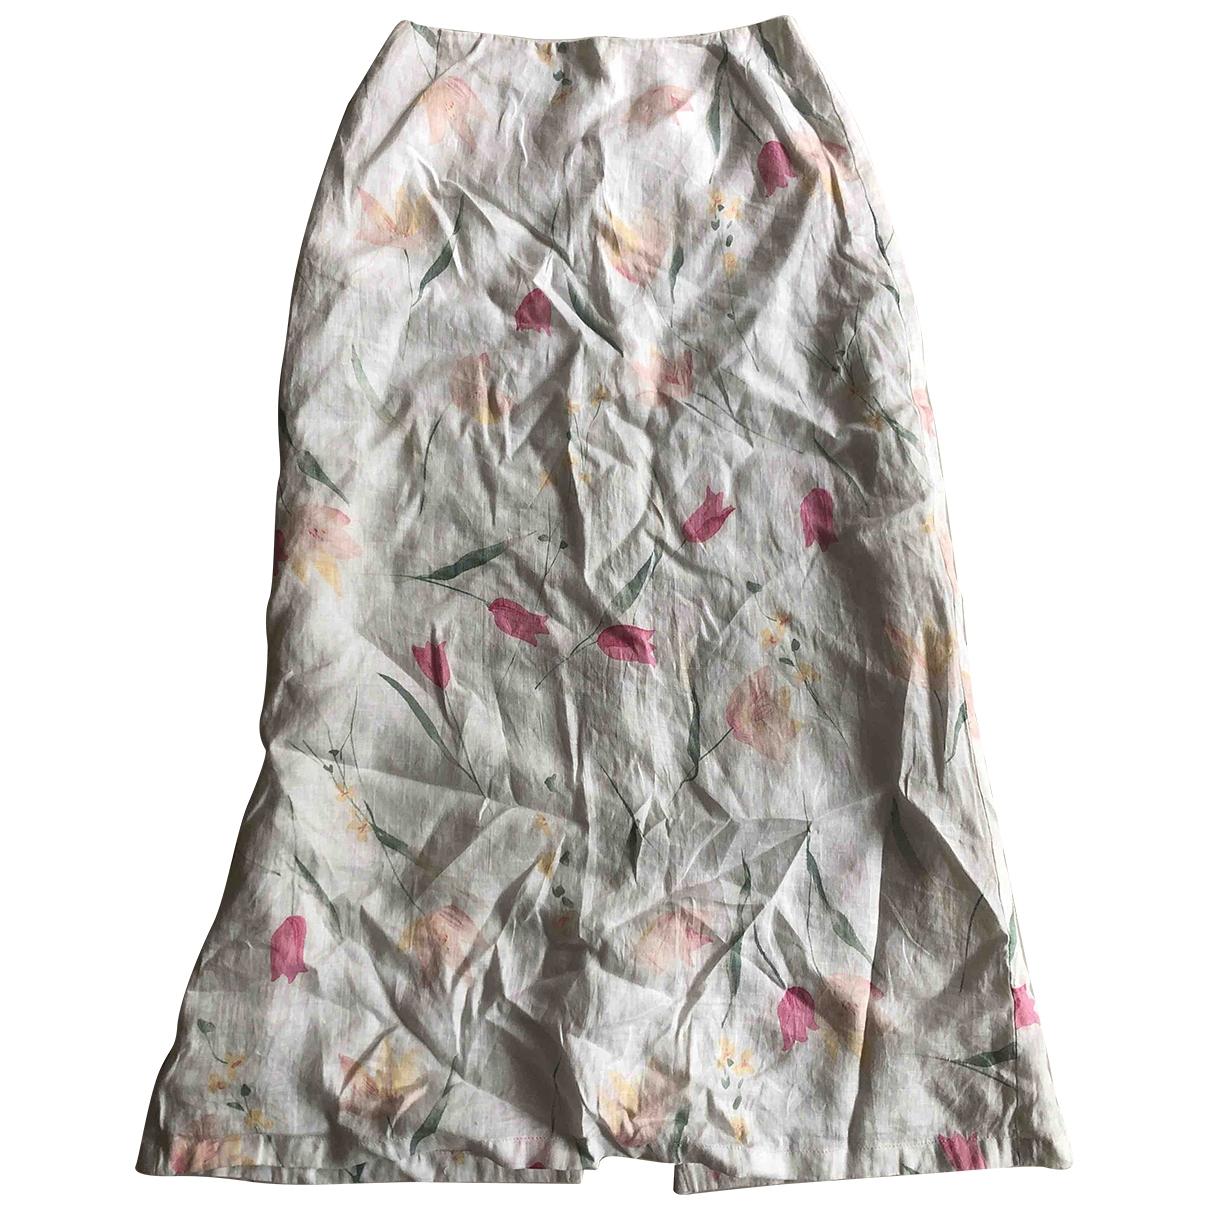 Gerard Darel \N White Linen skirt for Women 34 FR